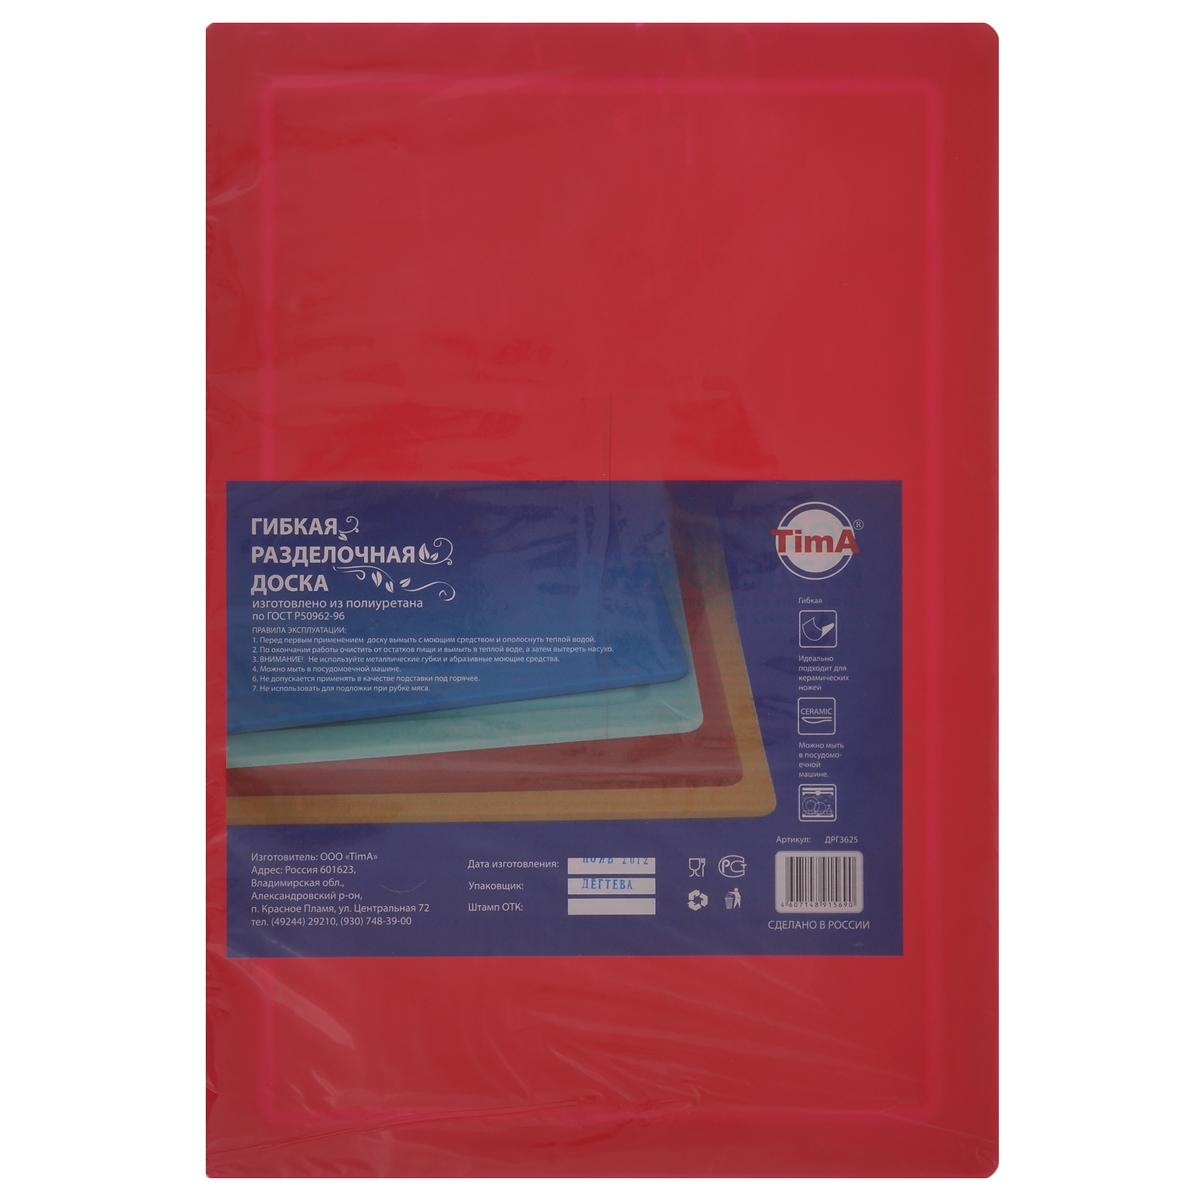 Доска разделочная TimA, цвет: красный, 36 х 25 см68/5/4Гибкая разделочная доска TimA, изготовленная из высококачественного полиуретана, займет достойное место среди аксессуаров на вашей кухне. Благодаря гибкости, с доски удобно высыпать нарезанные продукты. Она не тупит металлические и керамические ножи. Не впитывает влагу и легко моется. Обладает исключительной прочностью и износостойкостью.Доска TimA прекрасно подойдет для нарезки любых продуктов.Можно мыть в посудомоечной машине.